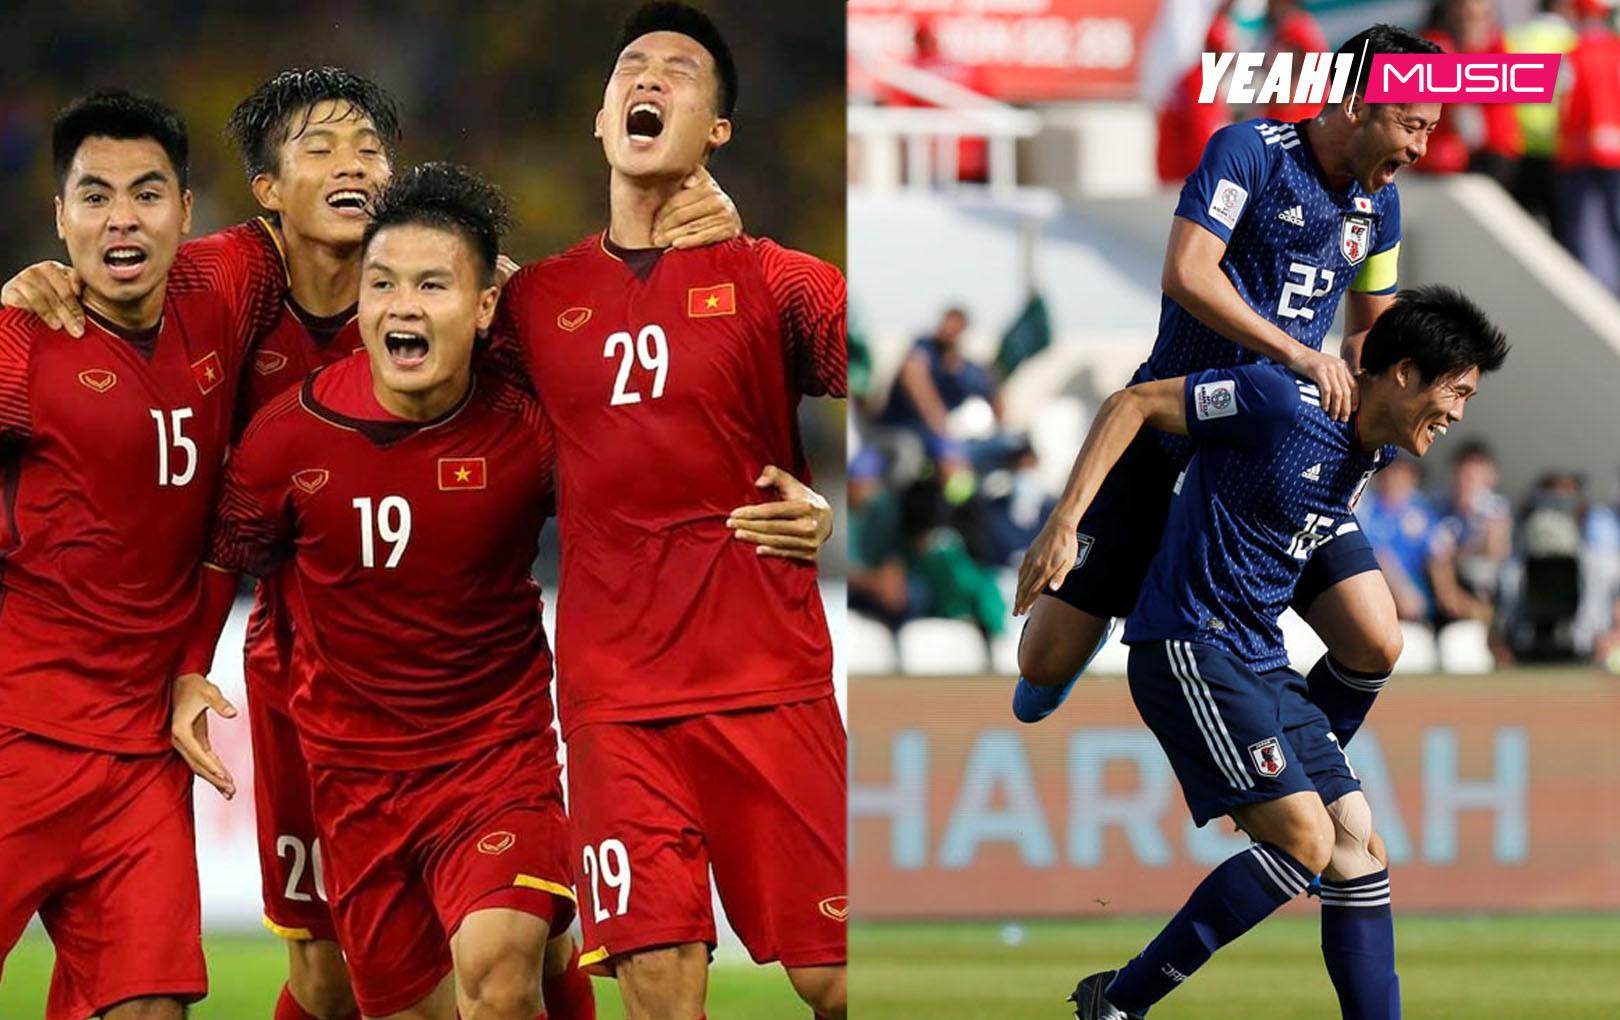 Đối thủ của ĐT Việt Nam tại tứ kết Asian Cup 2019 đã chính thức lộ diện rồi đây!